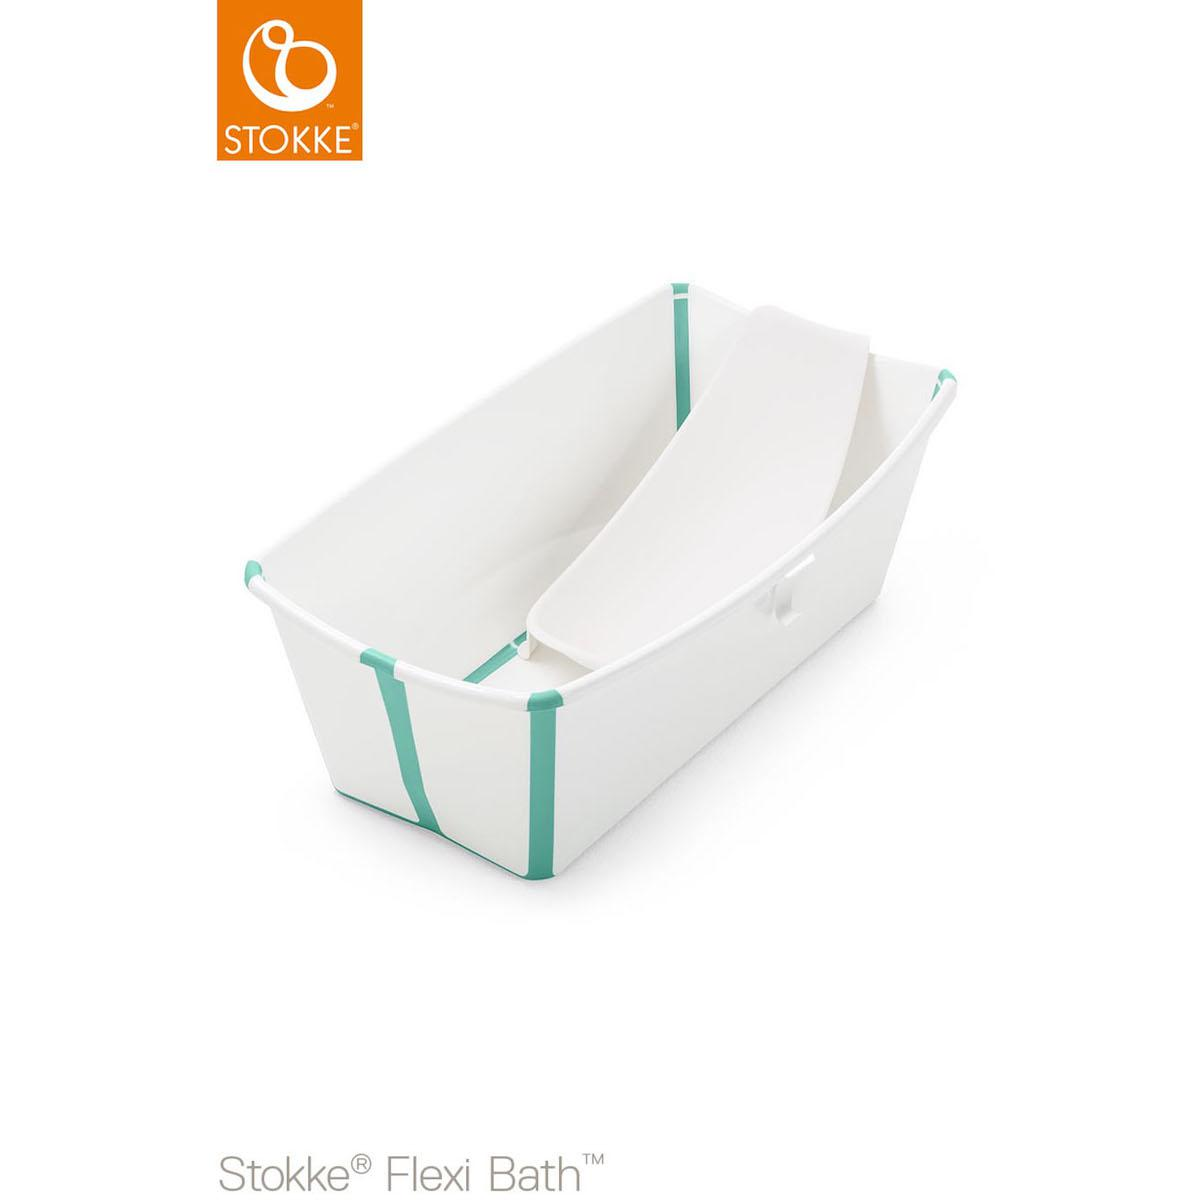 Bañera-soporte recién nacido FLEXI BATH Stokke blanco-aqua